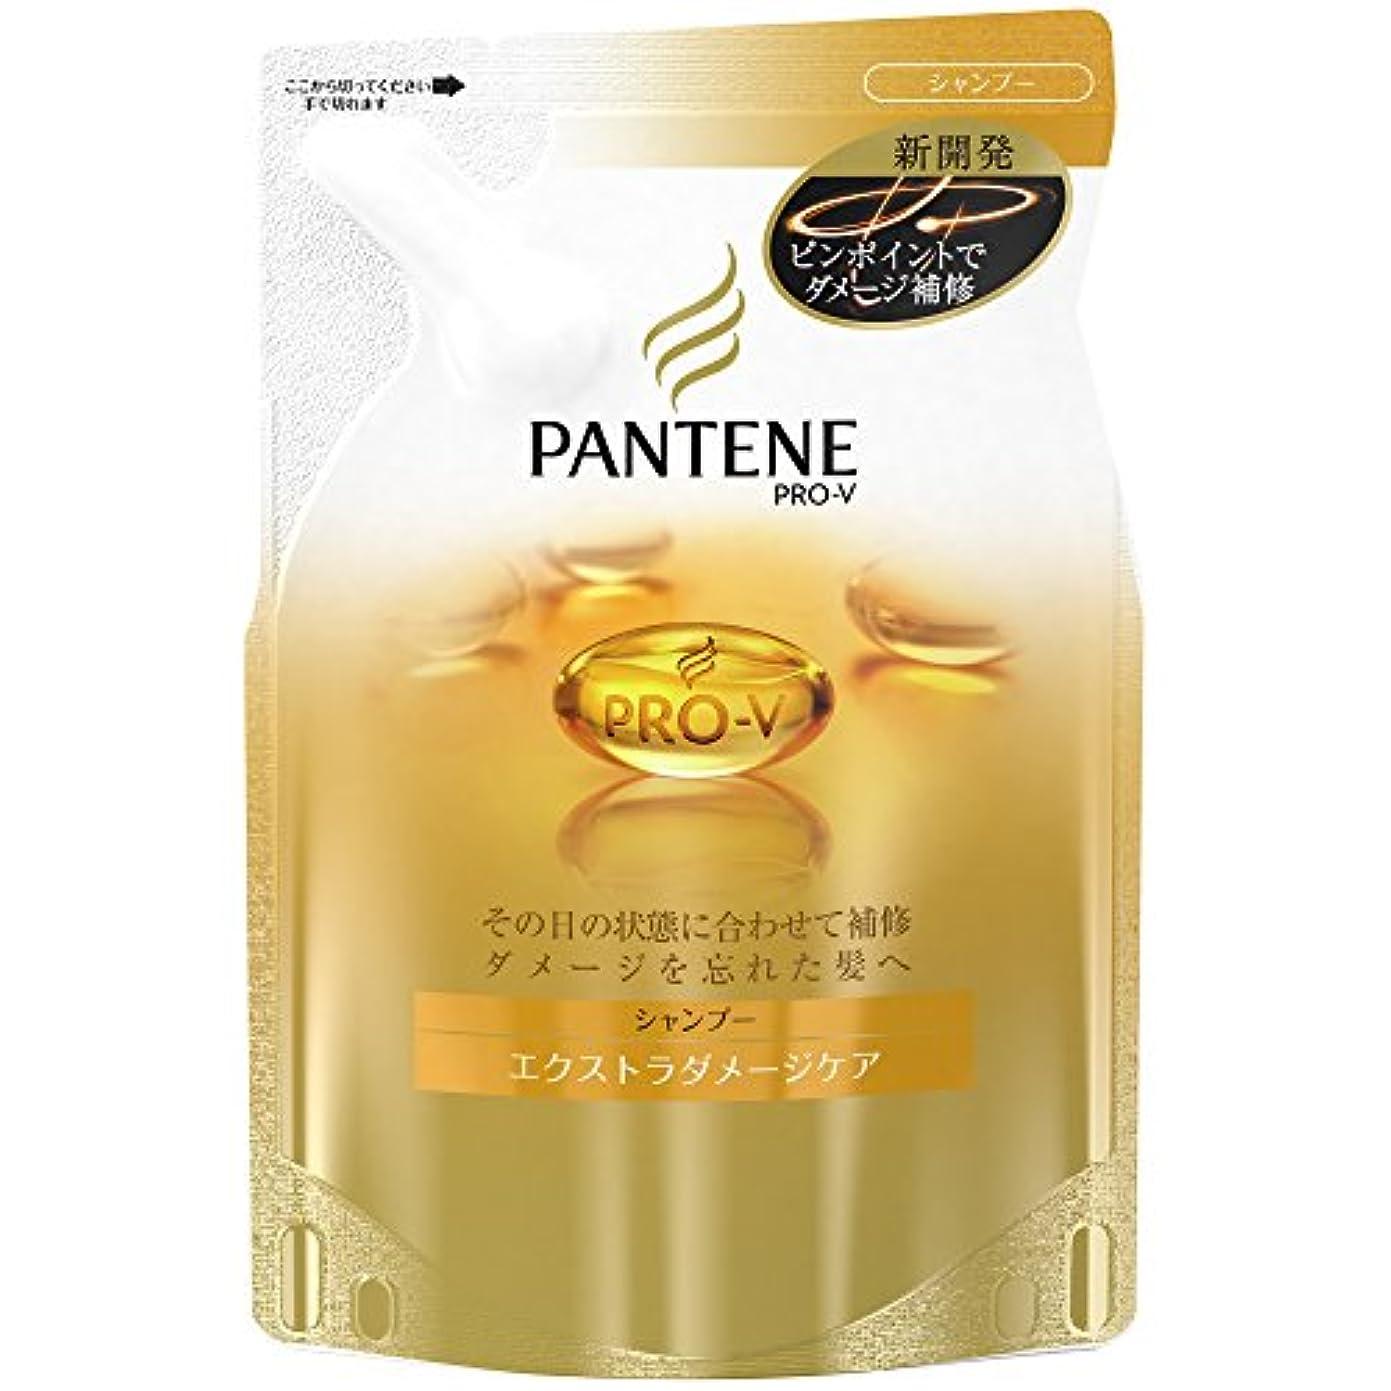 甘いデータベース攻撃パンテーン シャンプー エクストラダメージケア 詰替用 330ml